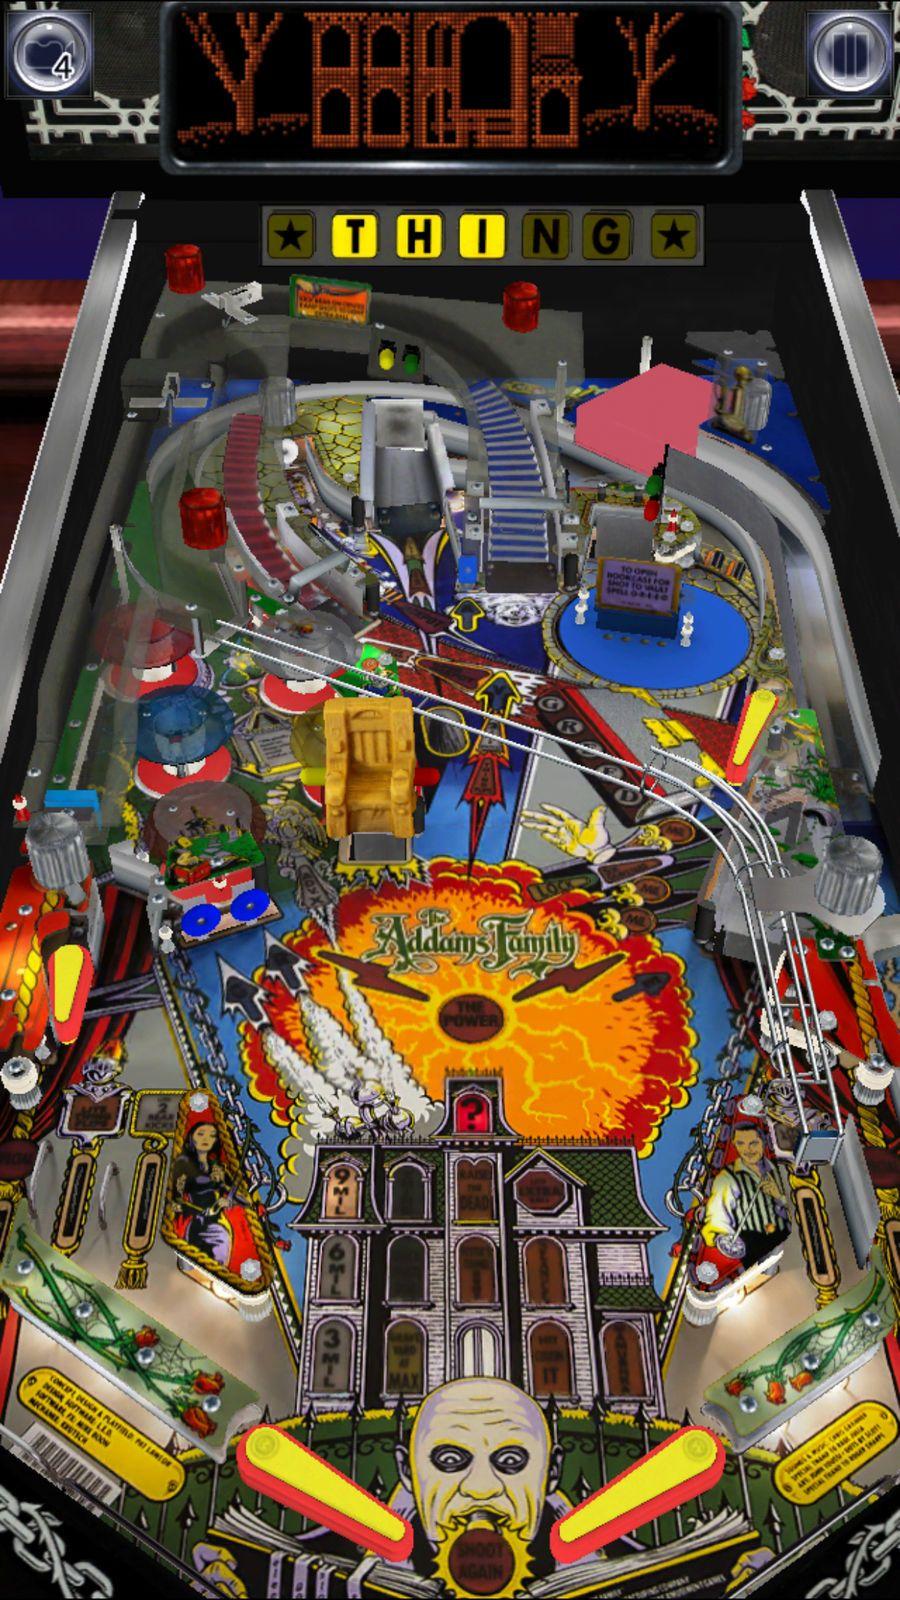 Pinball Arcade Simulation Games Apps Ios Pinball Arcade Addams Family Pinball